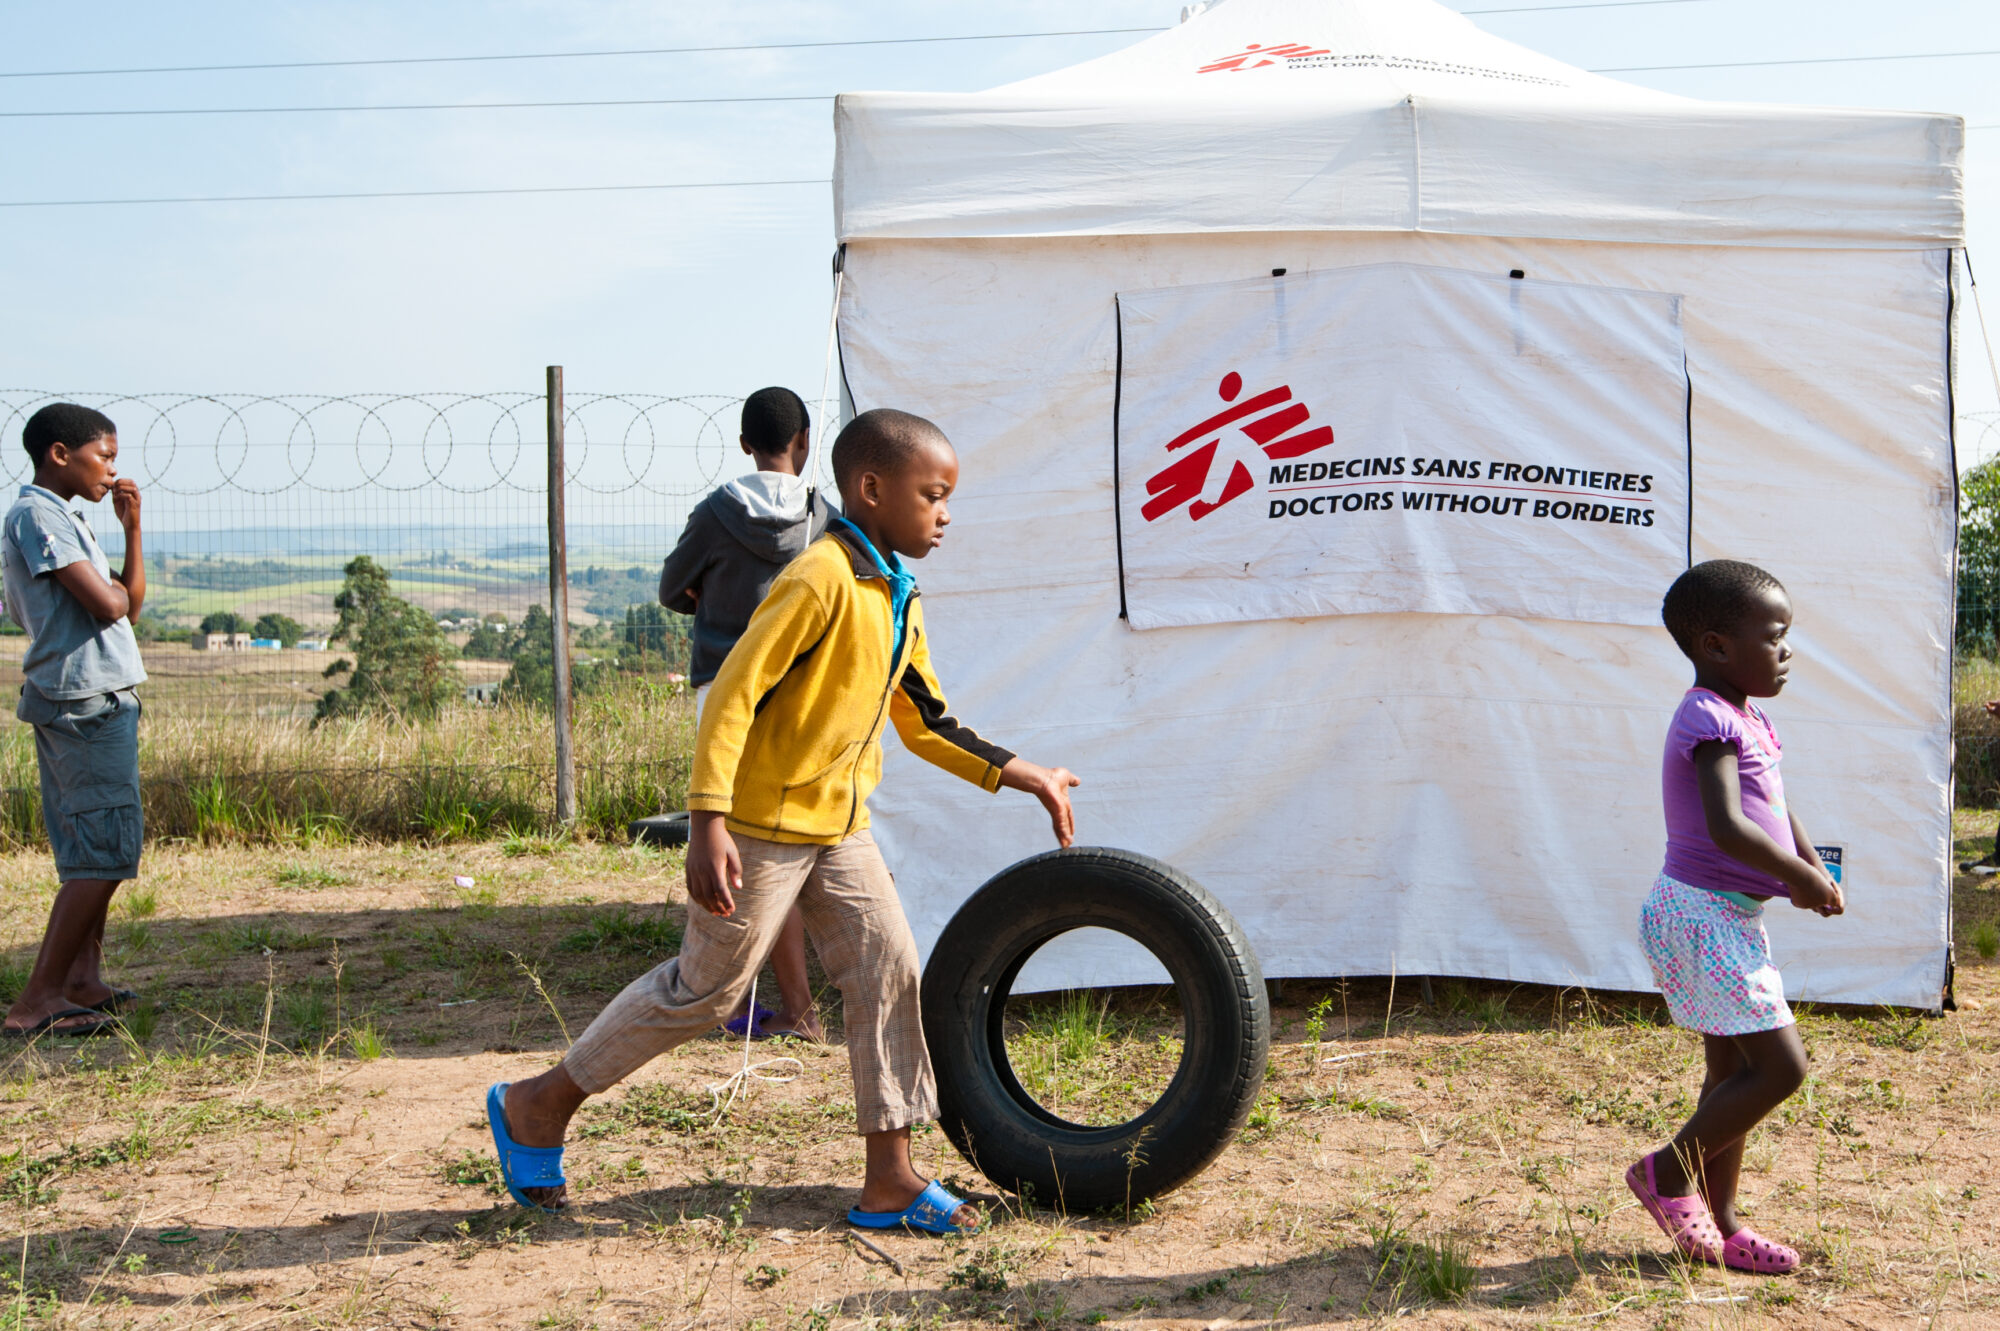 Børn med hiv er en glemt krise.